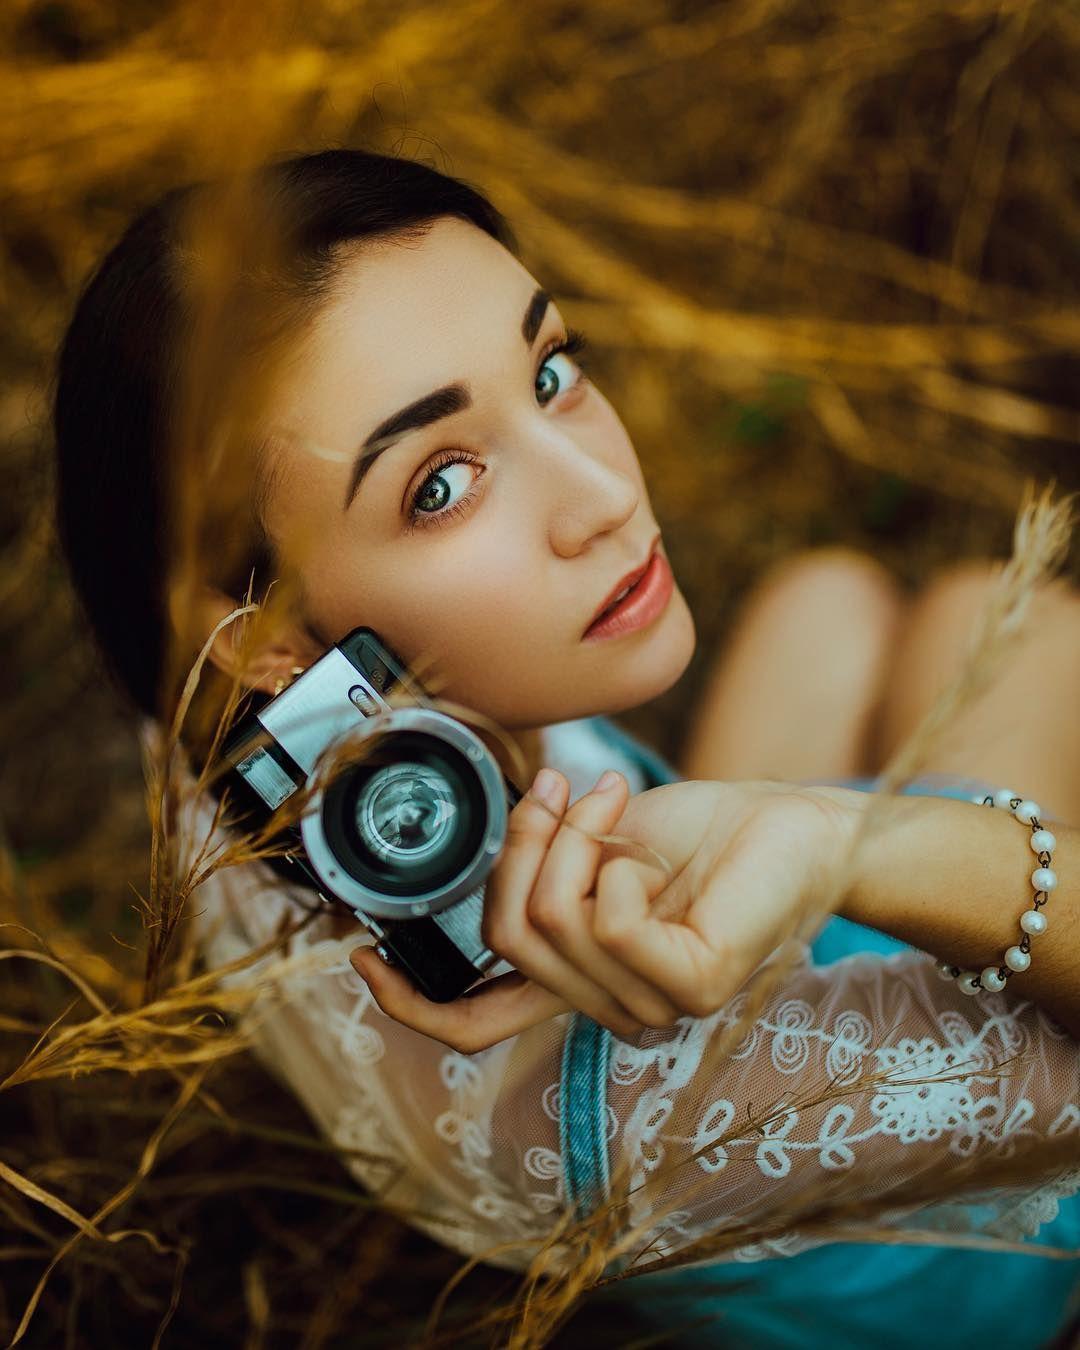 помощью фотокурсы портретная съемка вызывает множество